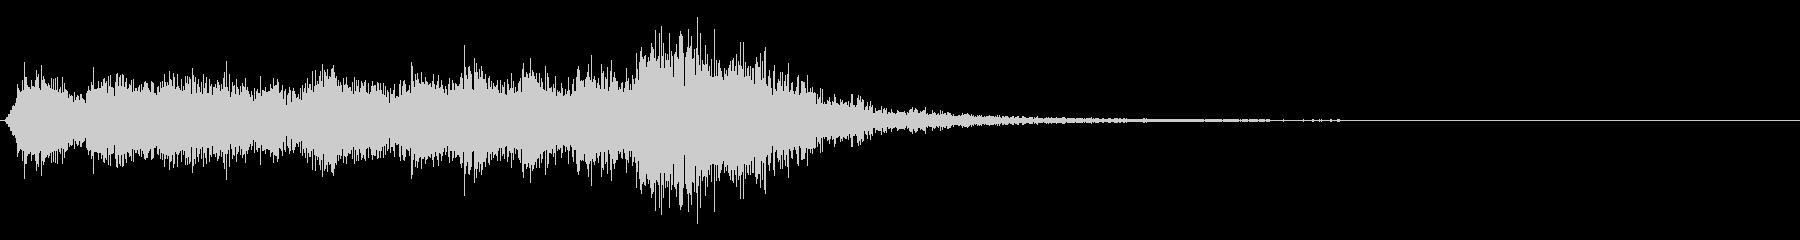 パワフルで短い金管ファンファーレの未再生の波形